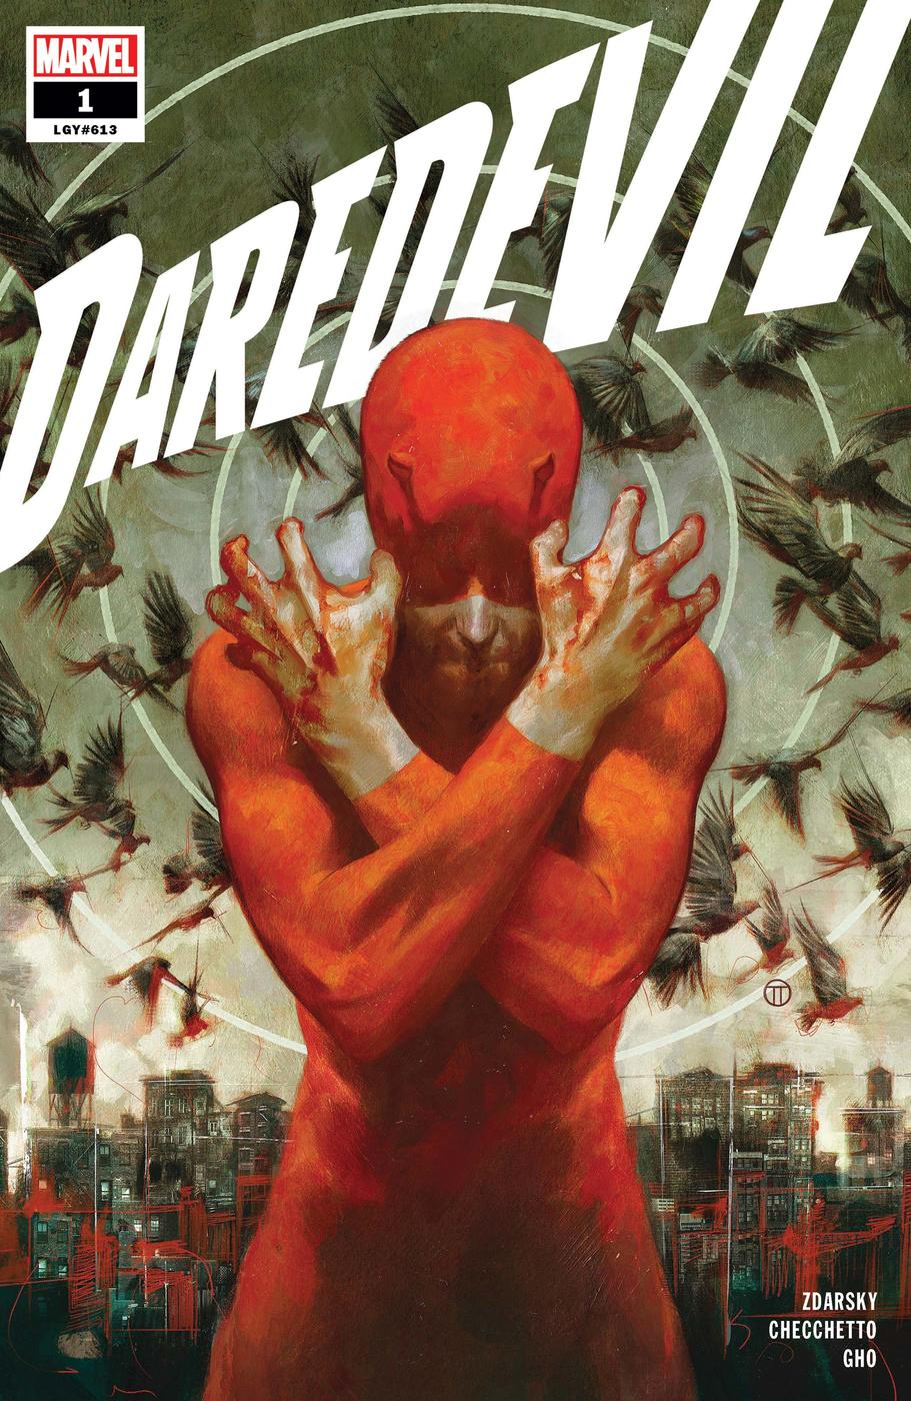 Daredevil #1